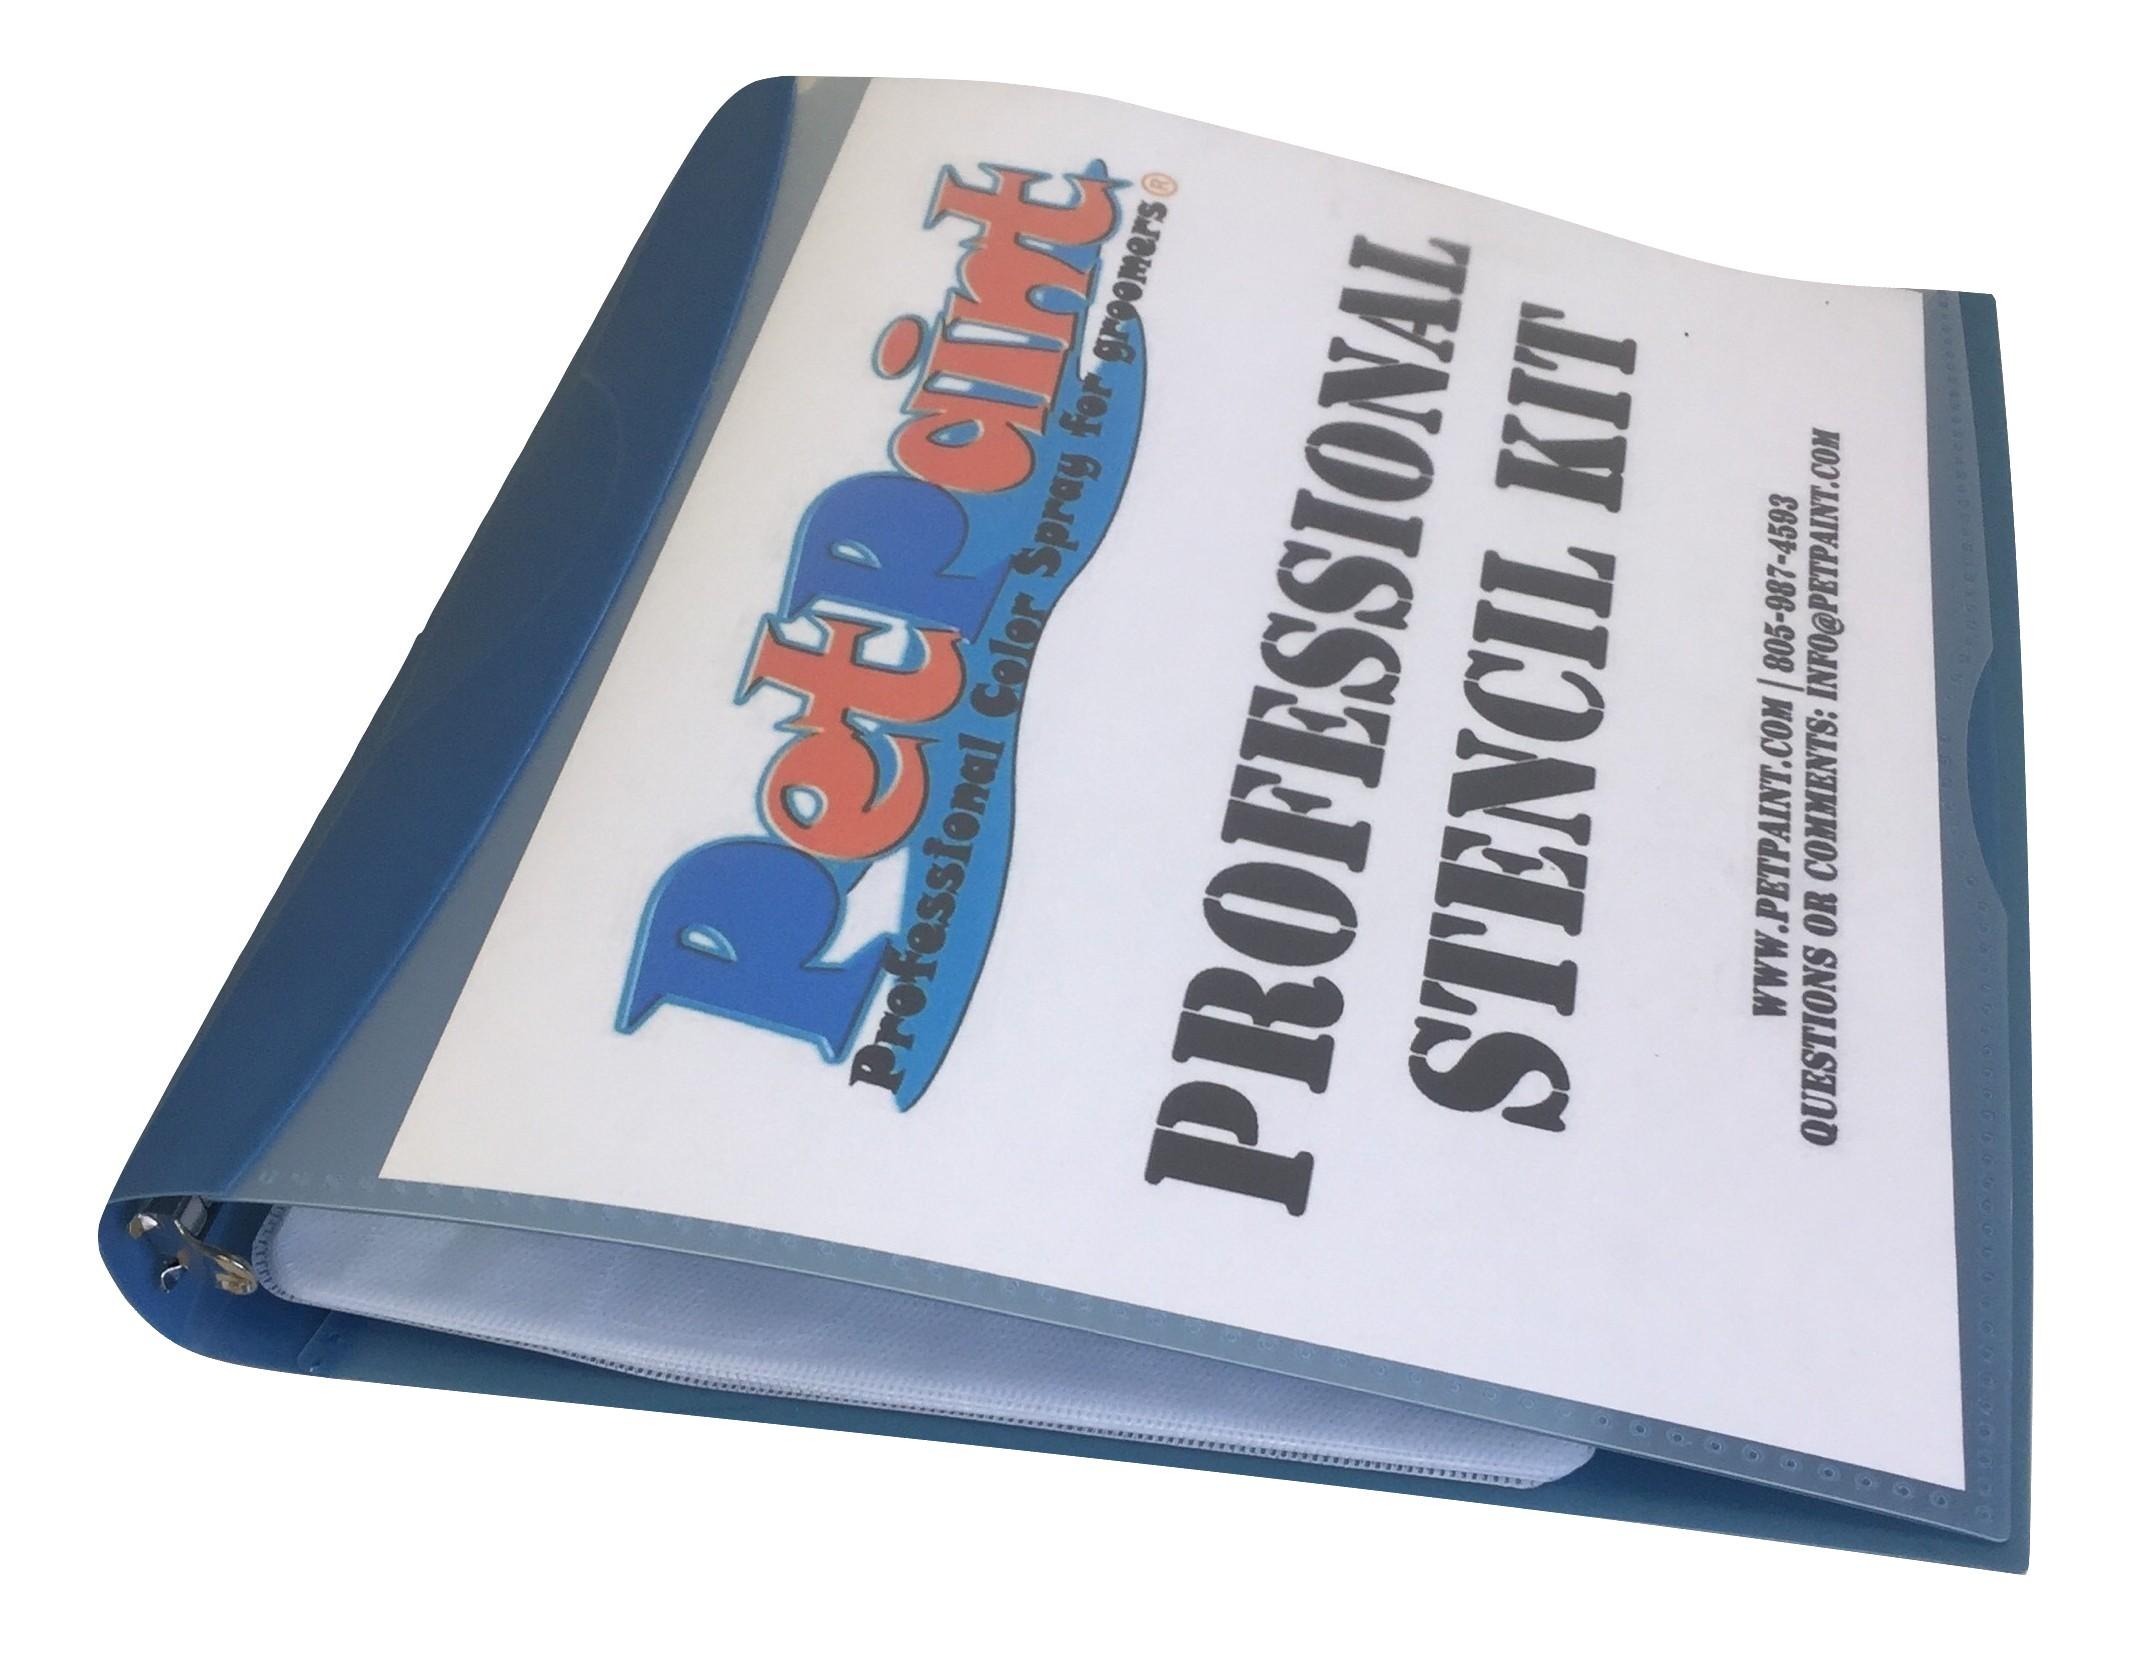 Petpaint Professional Stencil Binder w/ Inserts